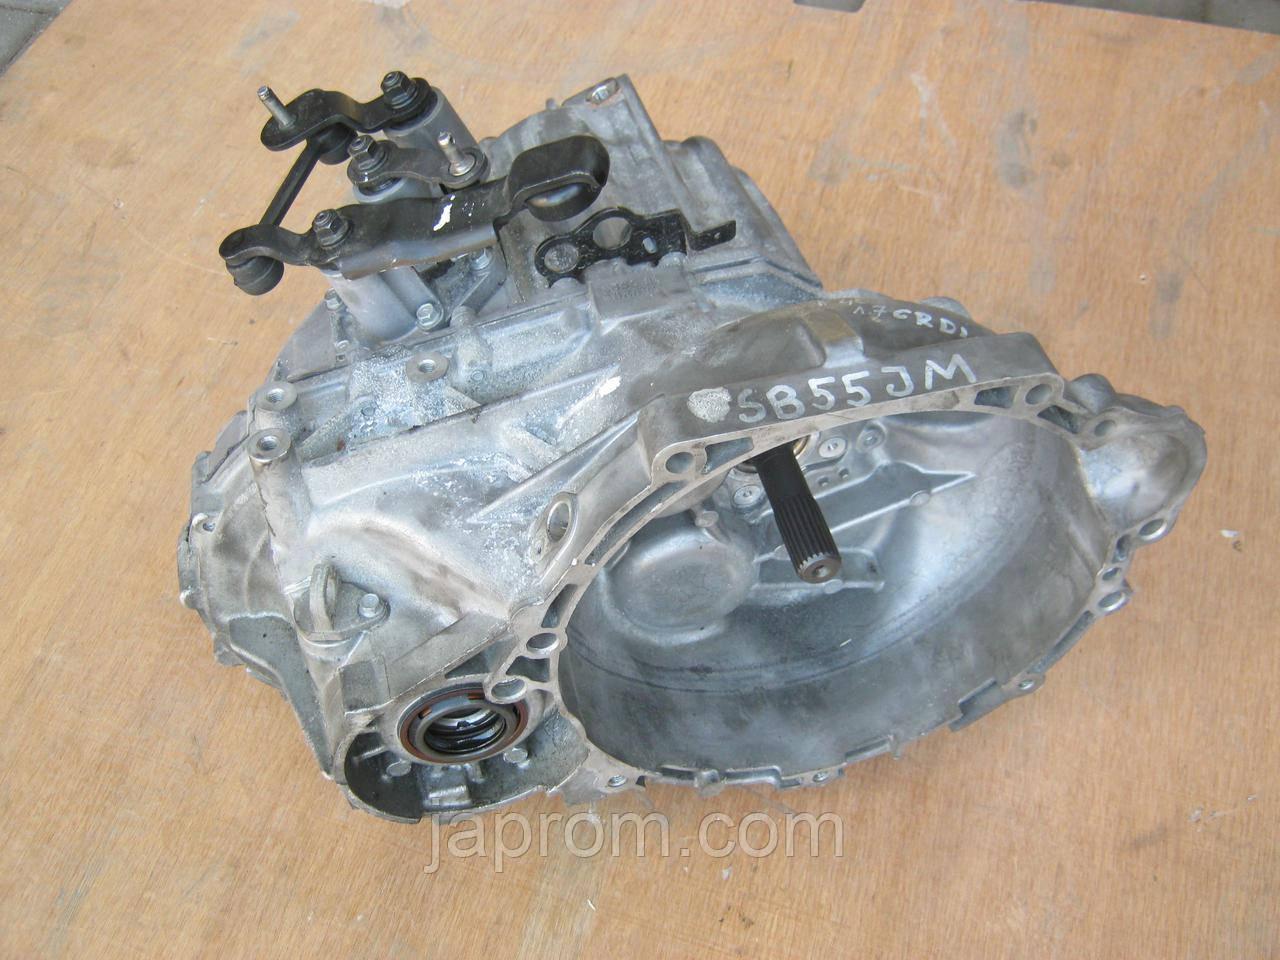 МКПП механическая коробка передач Hyundai I40 1.7 CRDI SB55JM